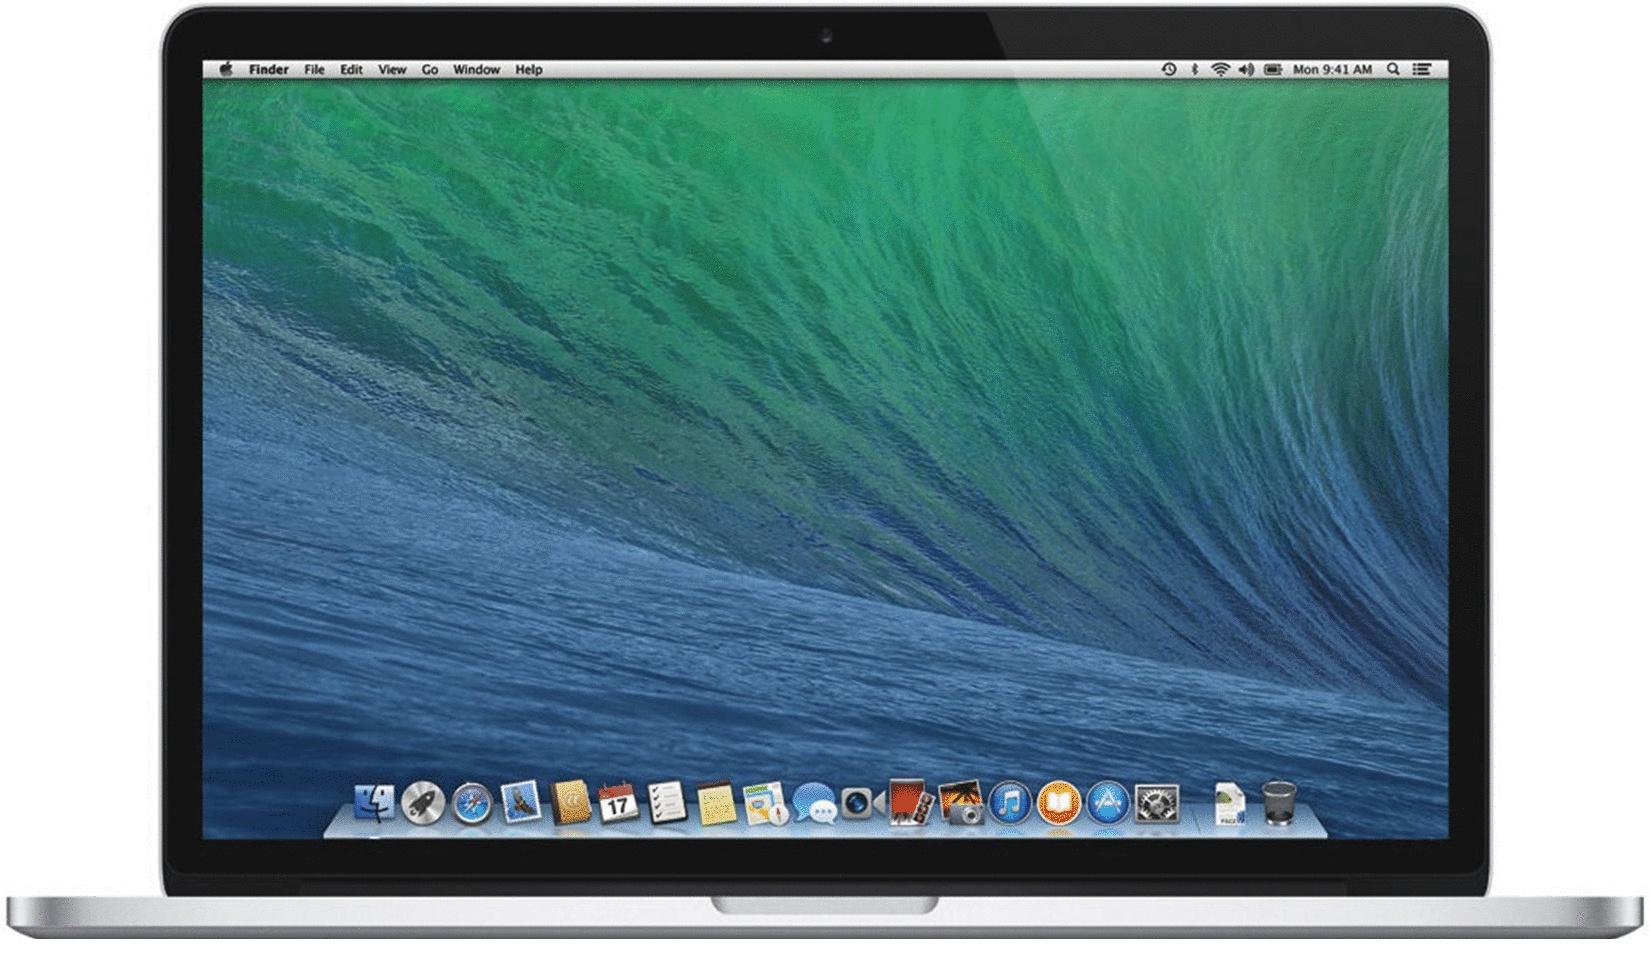 Apple MacBook Pro 15.4 (Retina Display) 2.5 GHz...